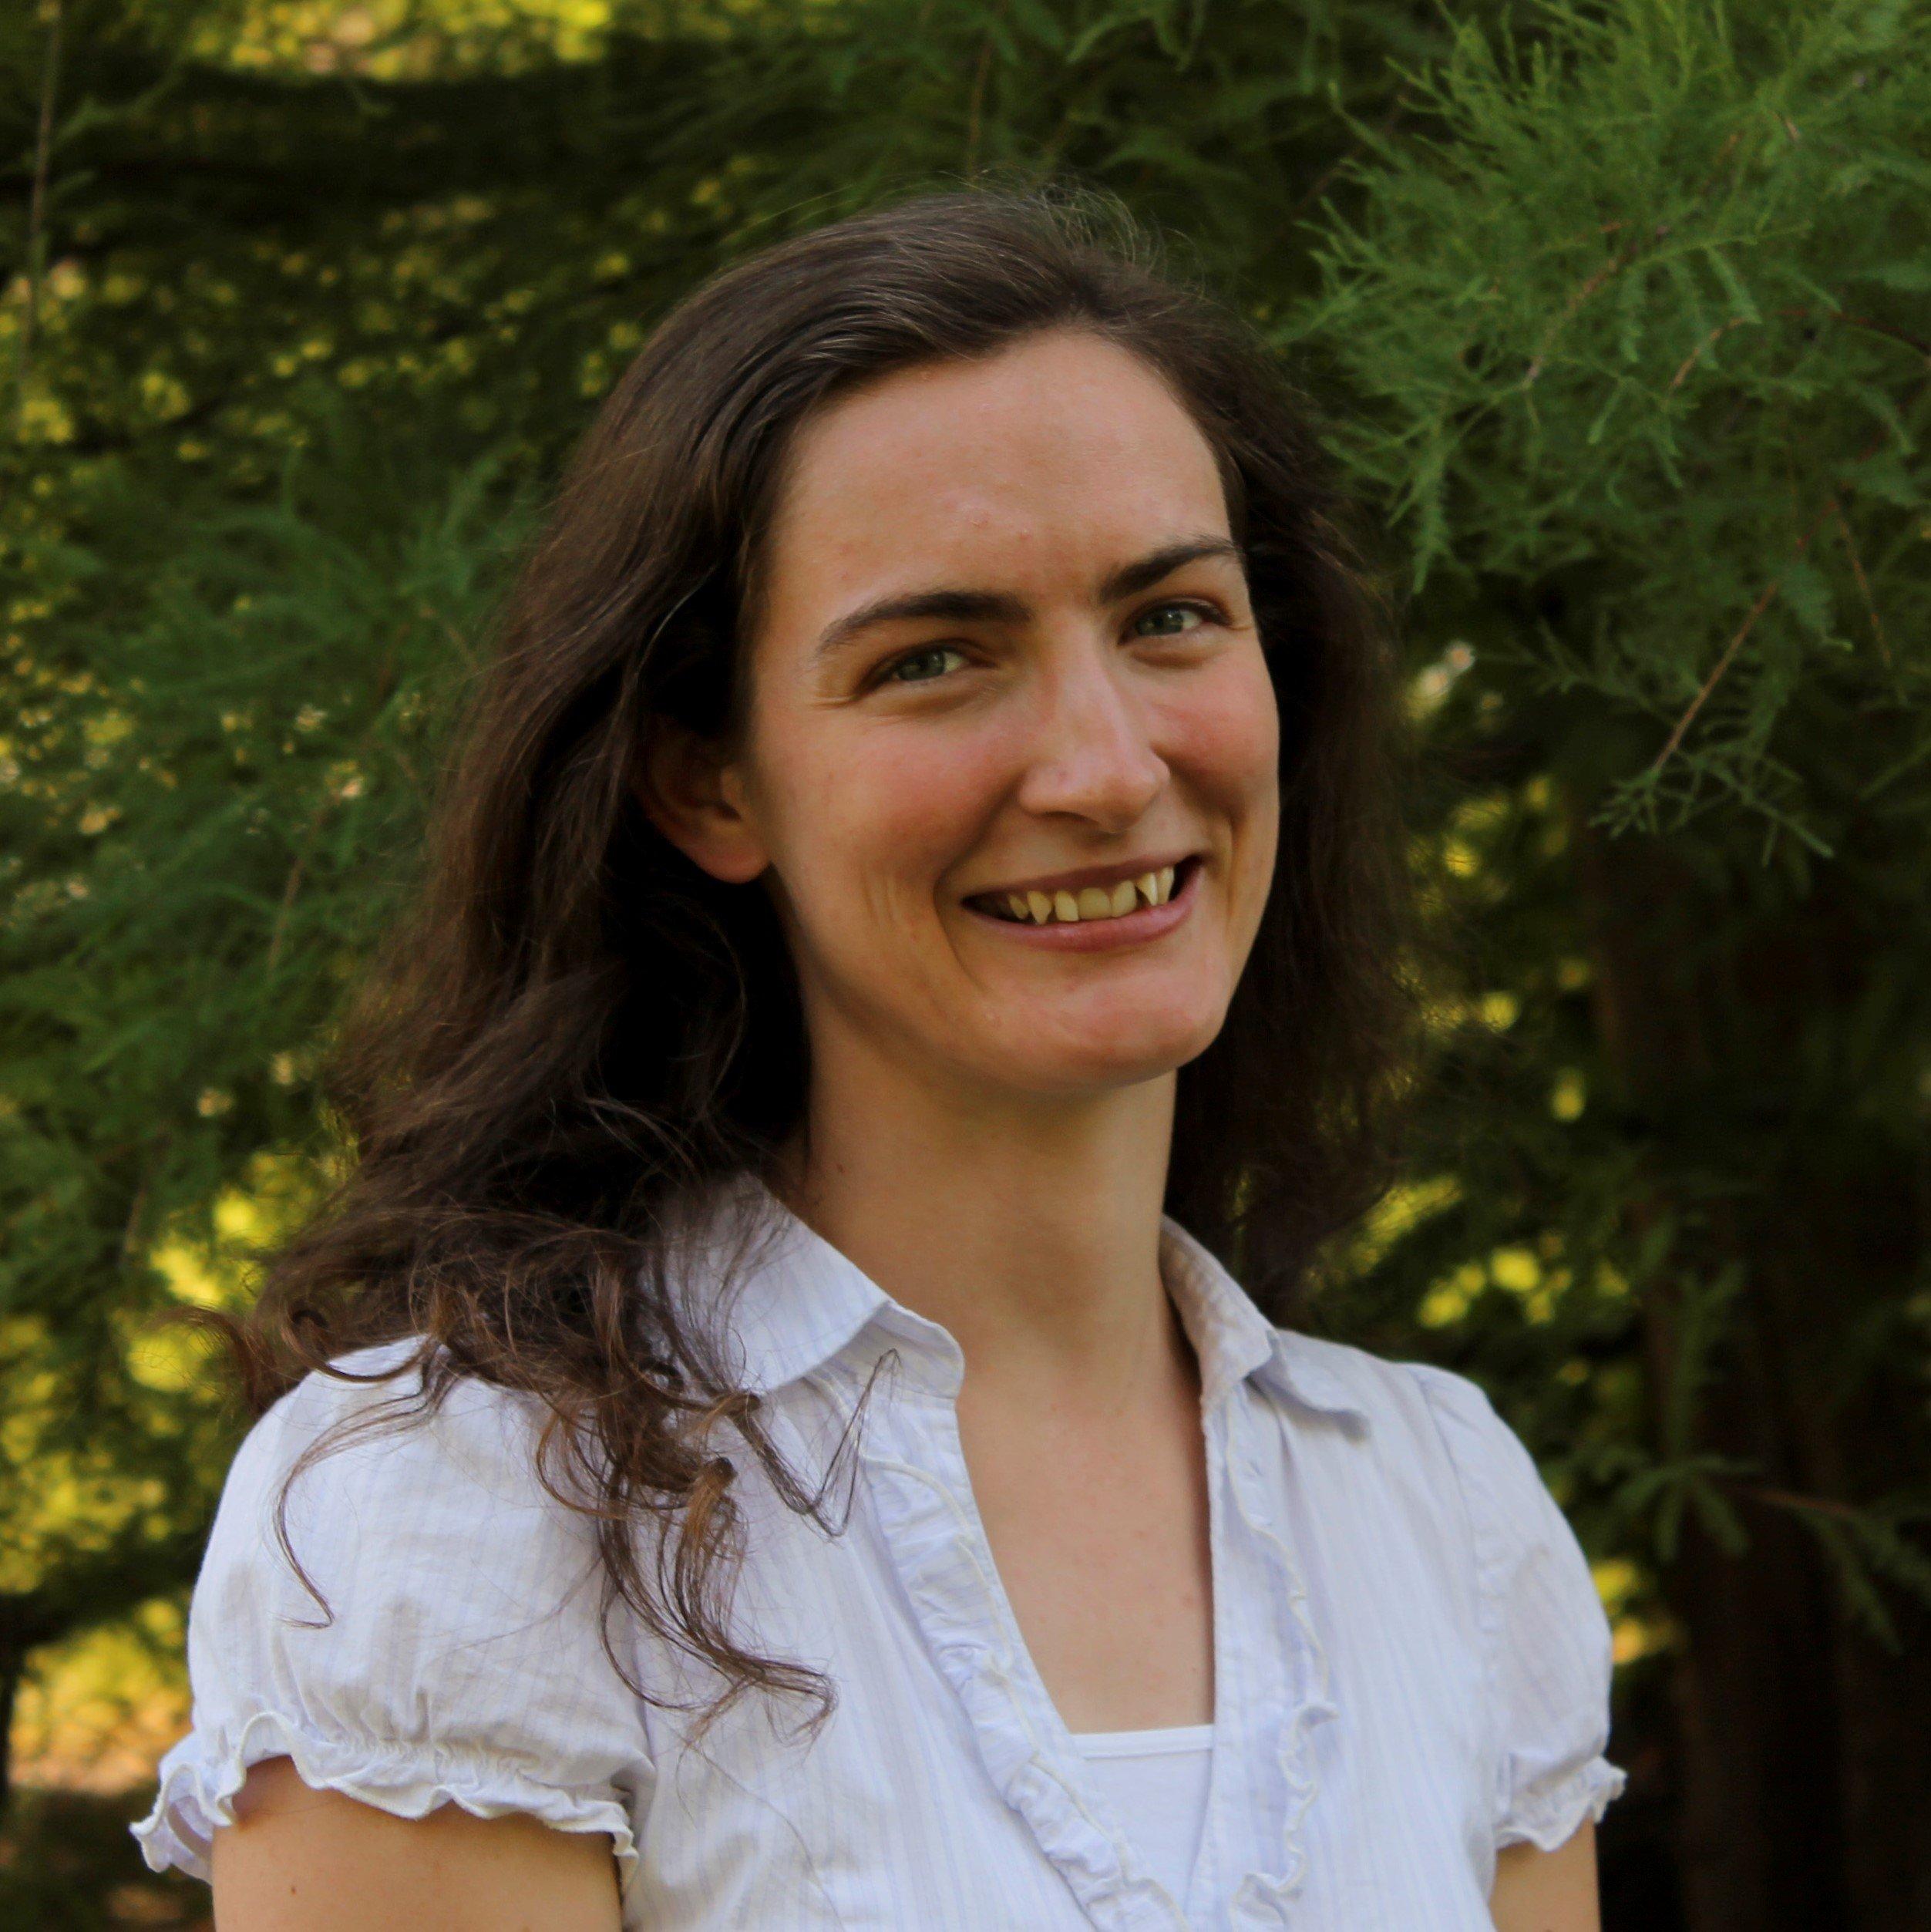 Elizabeth Kleitsch is the secondary science teacher at Clapham School